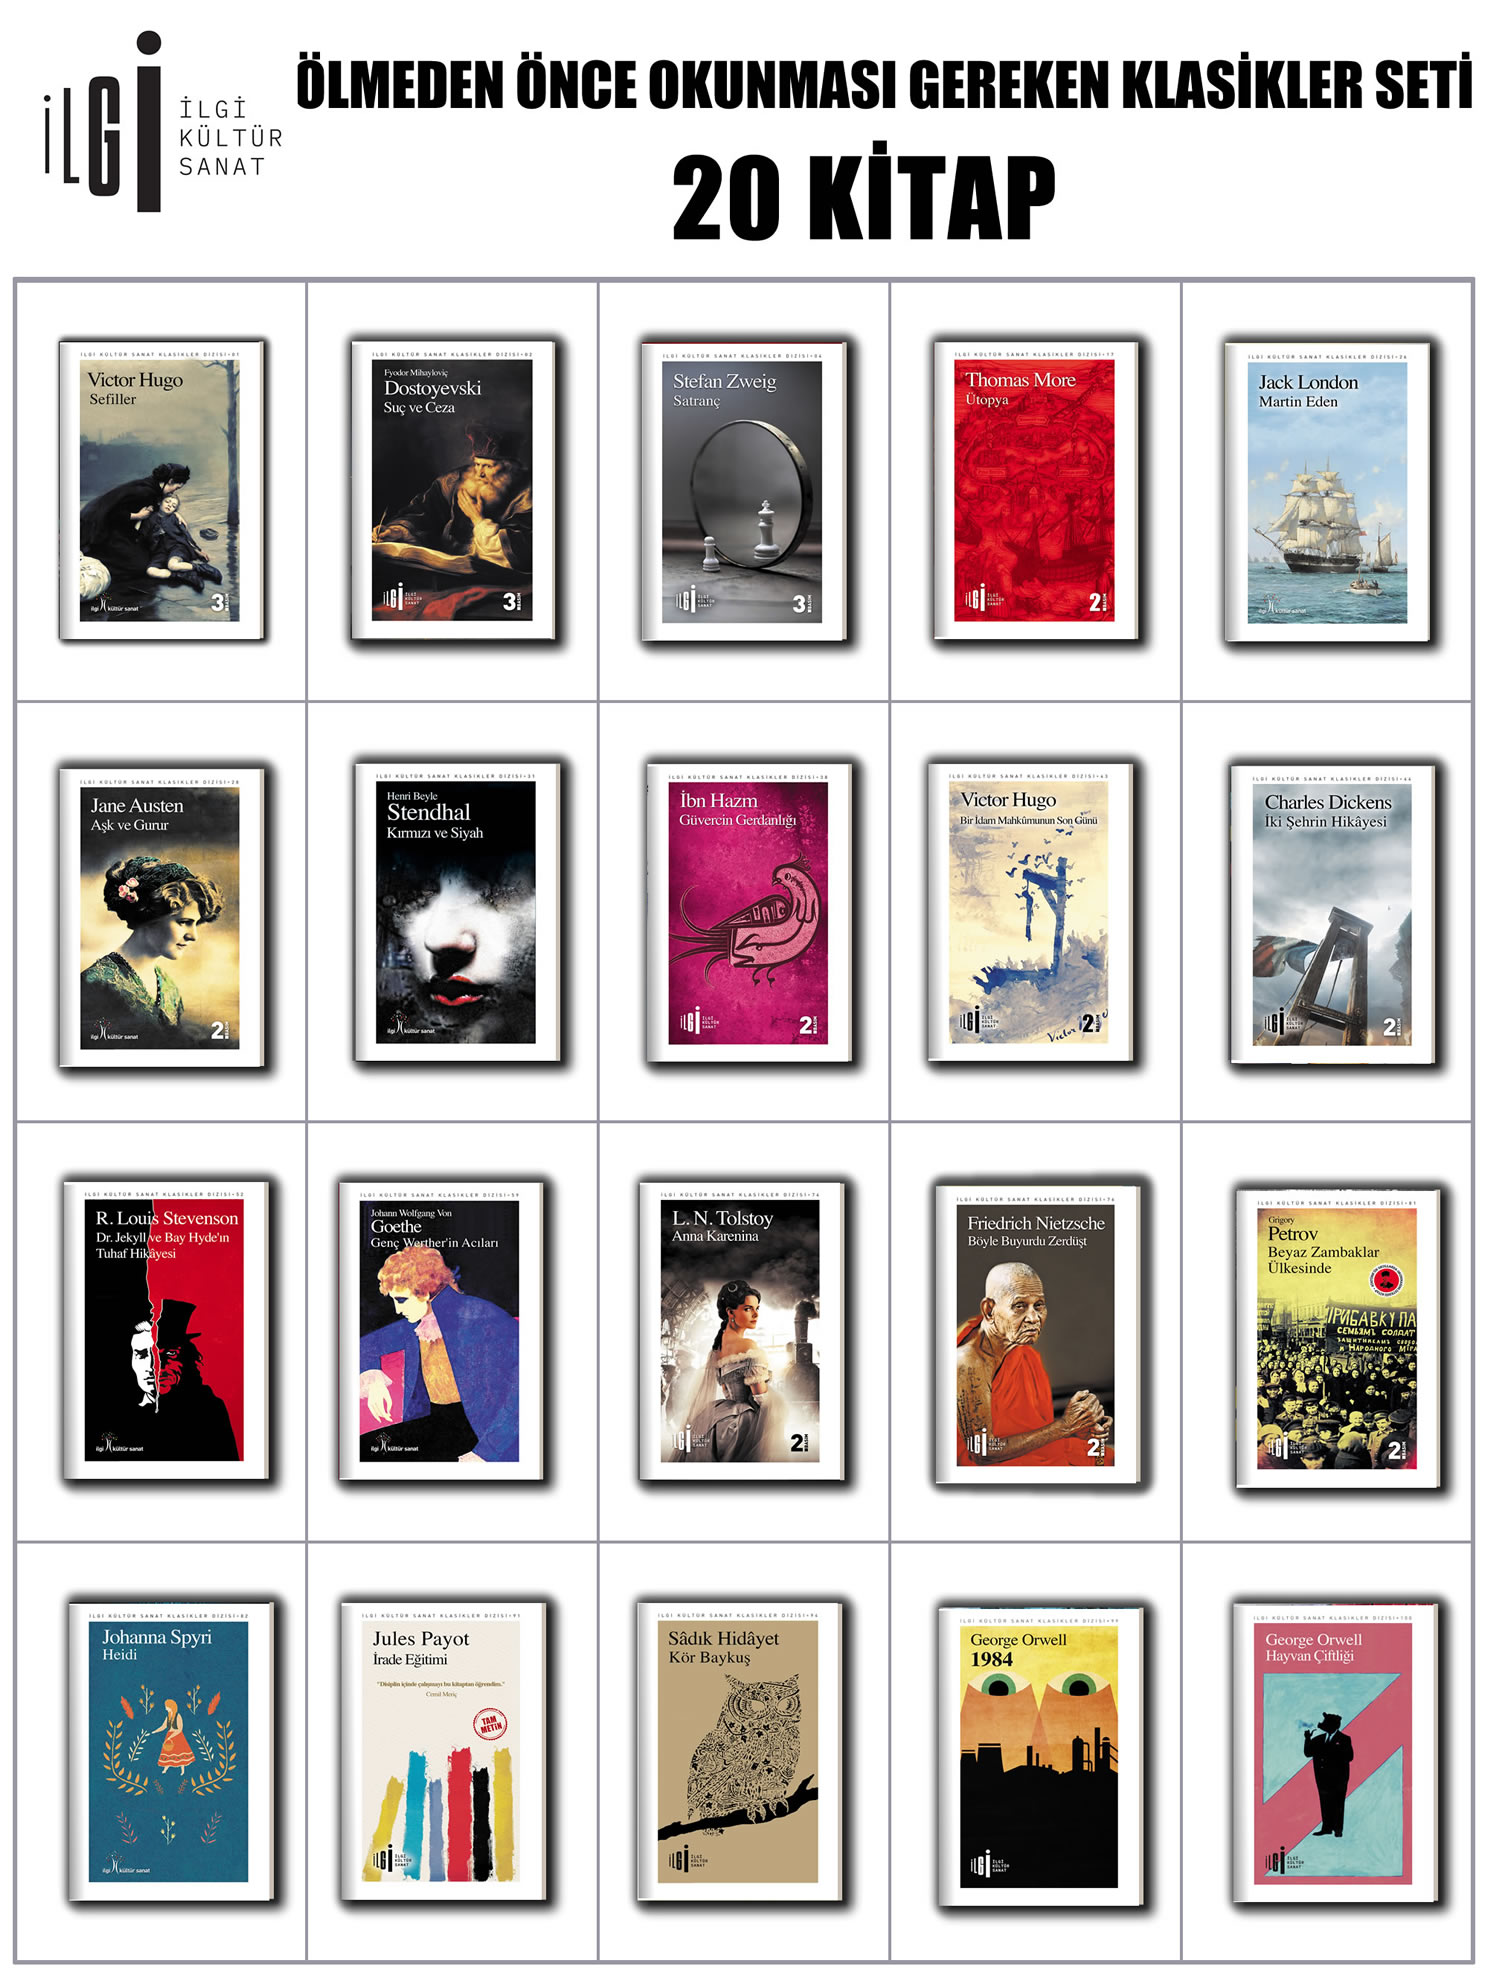 Ölmeden Önce Okunması Gereken Klasikler Seti 20 Kitap